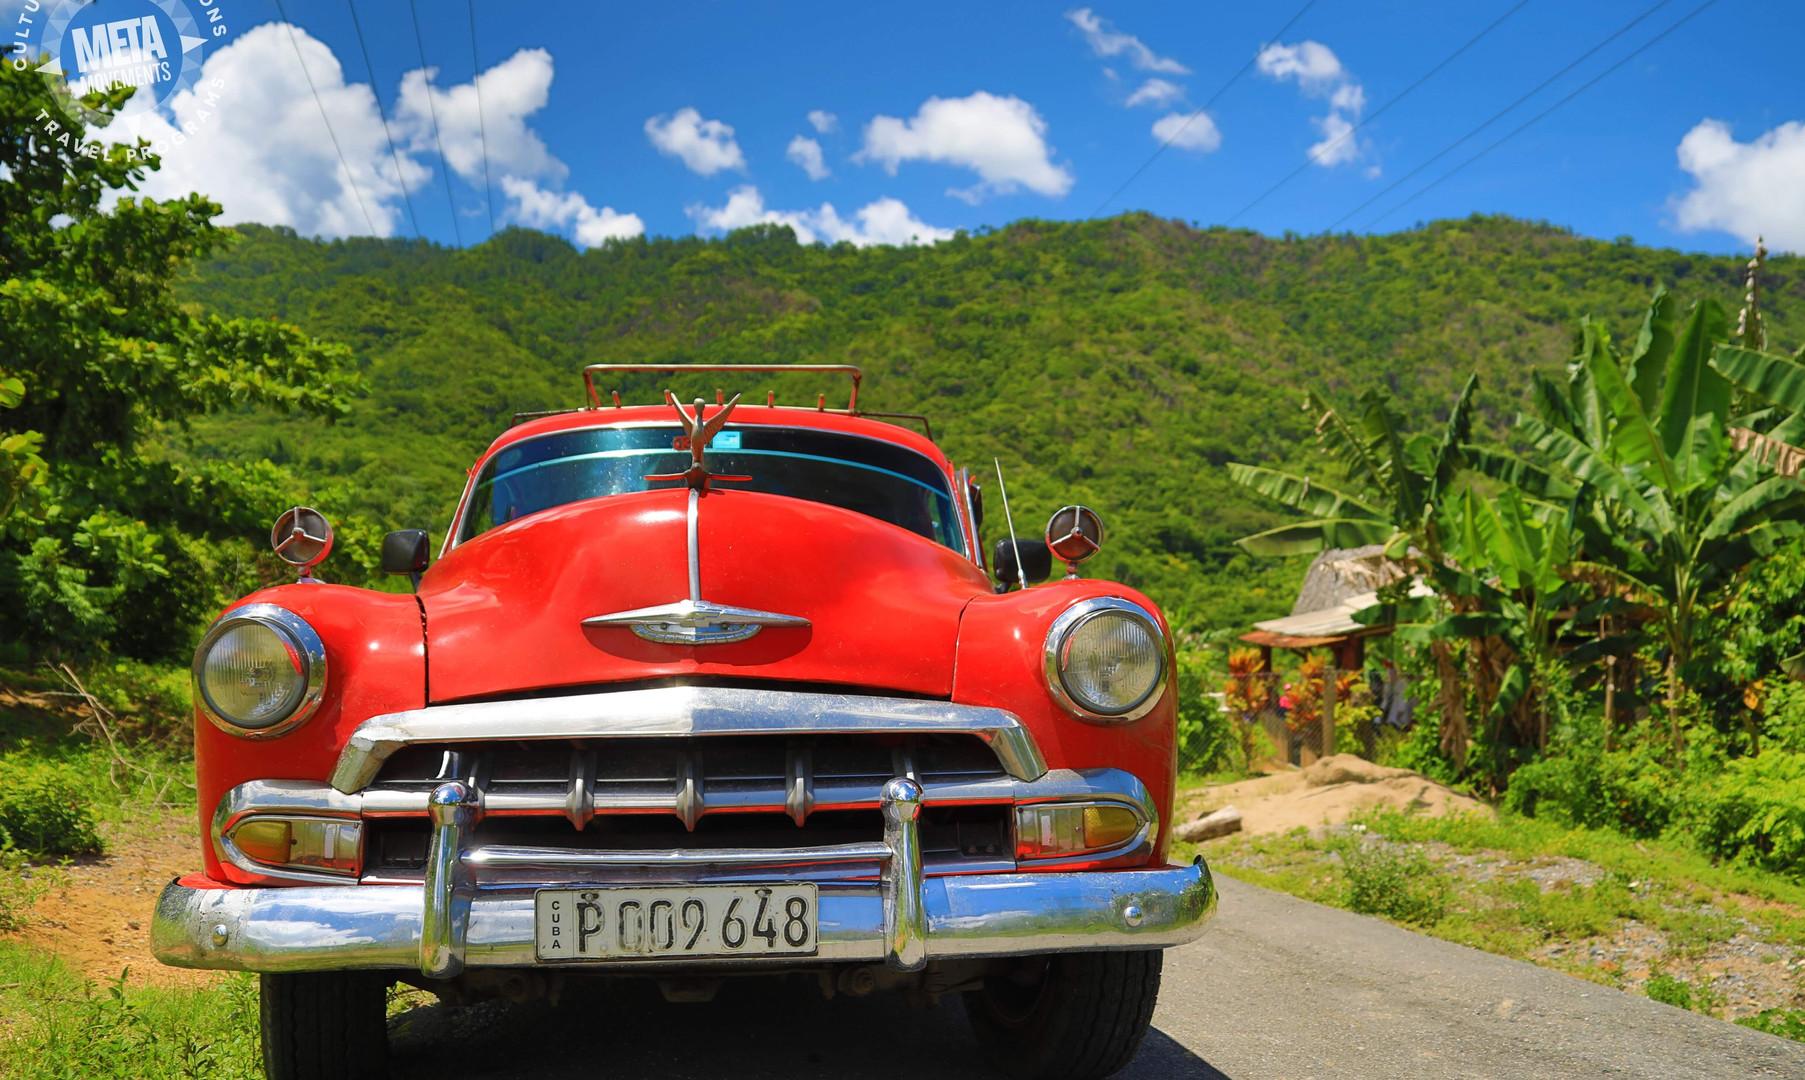 Cuba Urban_Nature Scenery.jpg